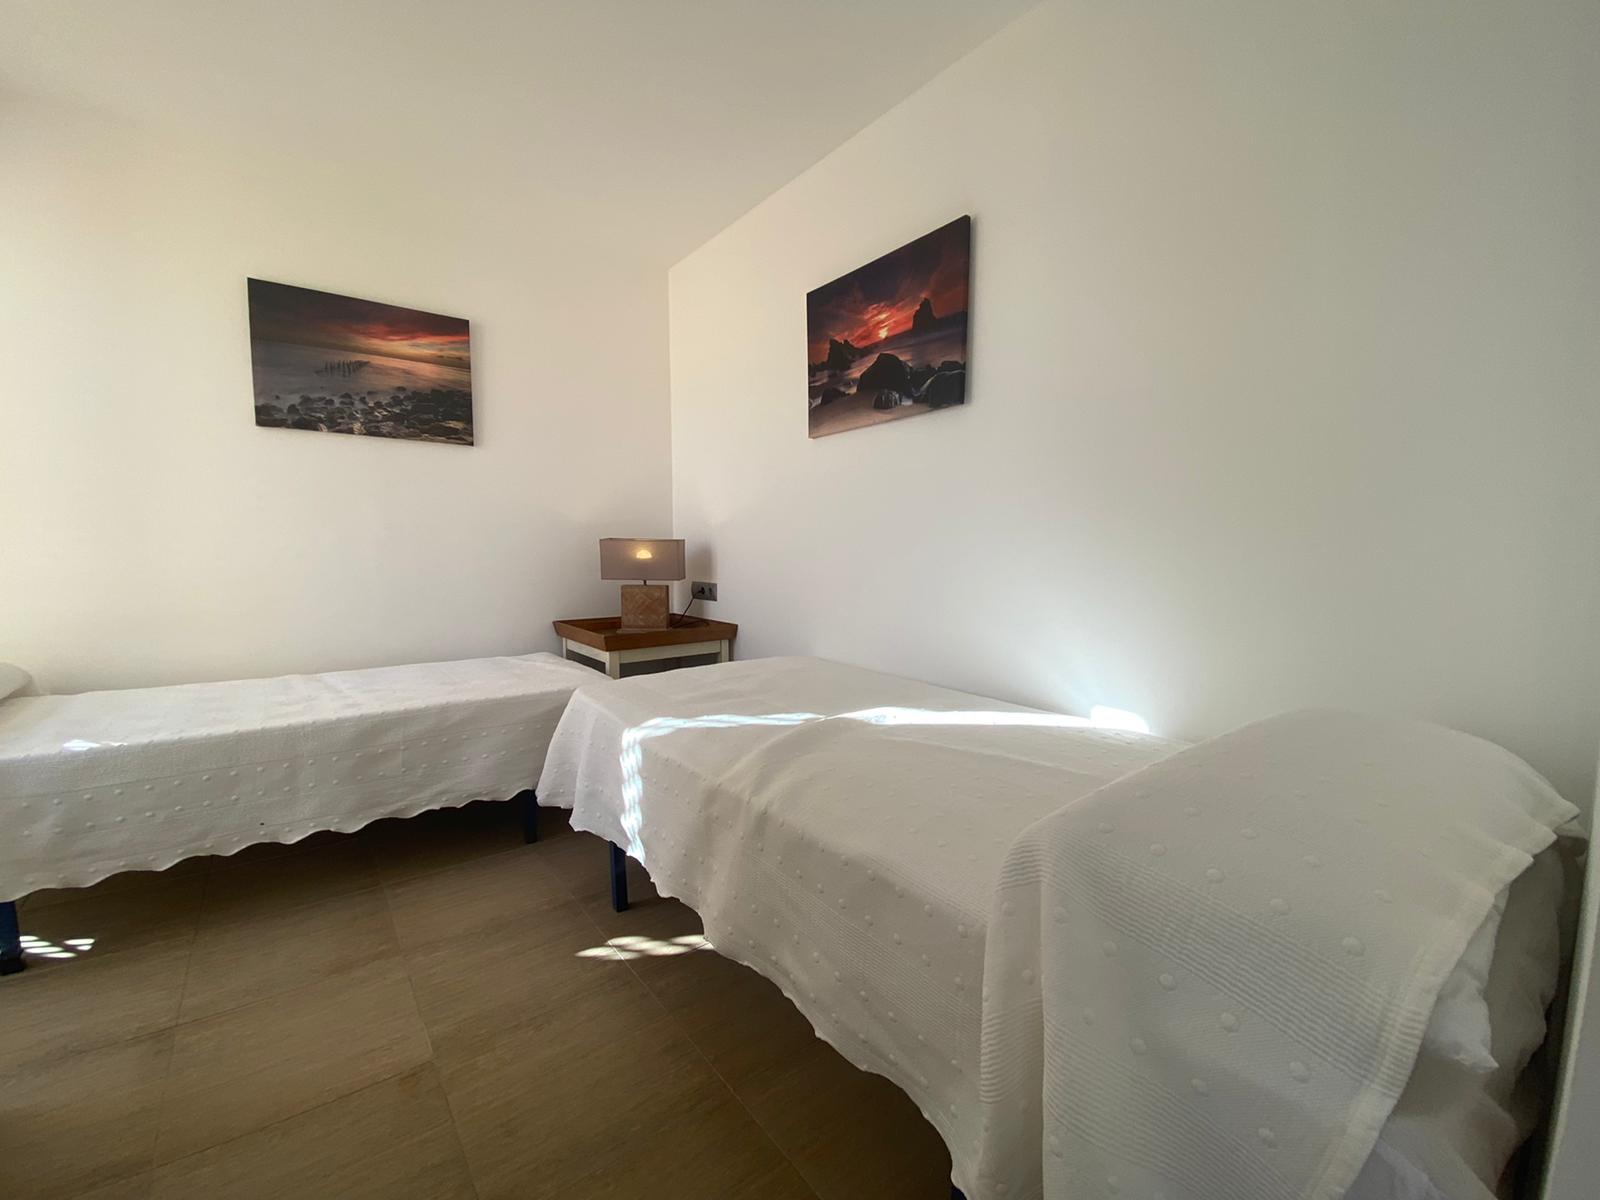 Imagen 21 del Apartamento Turístico, Ático 7 Levante (3d +2b), Punta del Moral (HUELVA), Paseo de la Cruz nº22